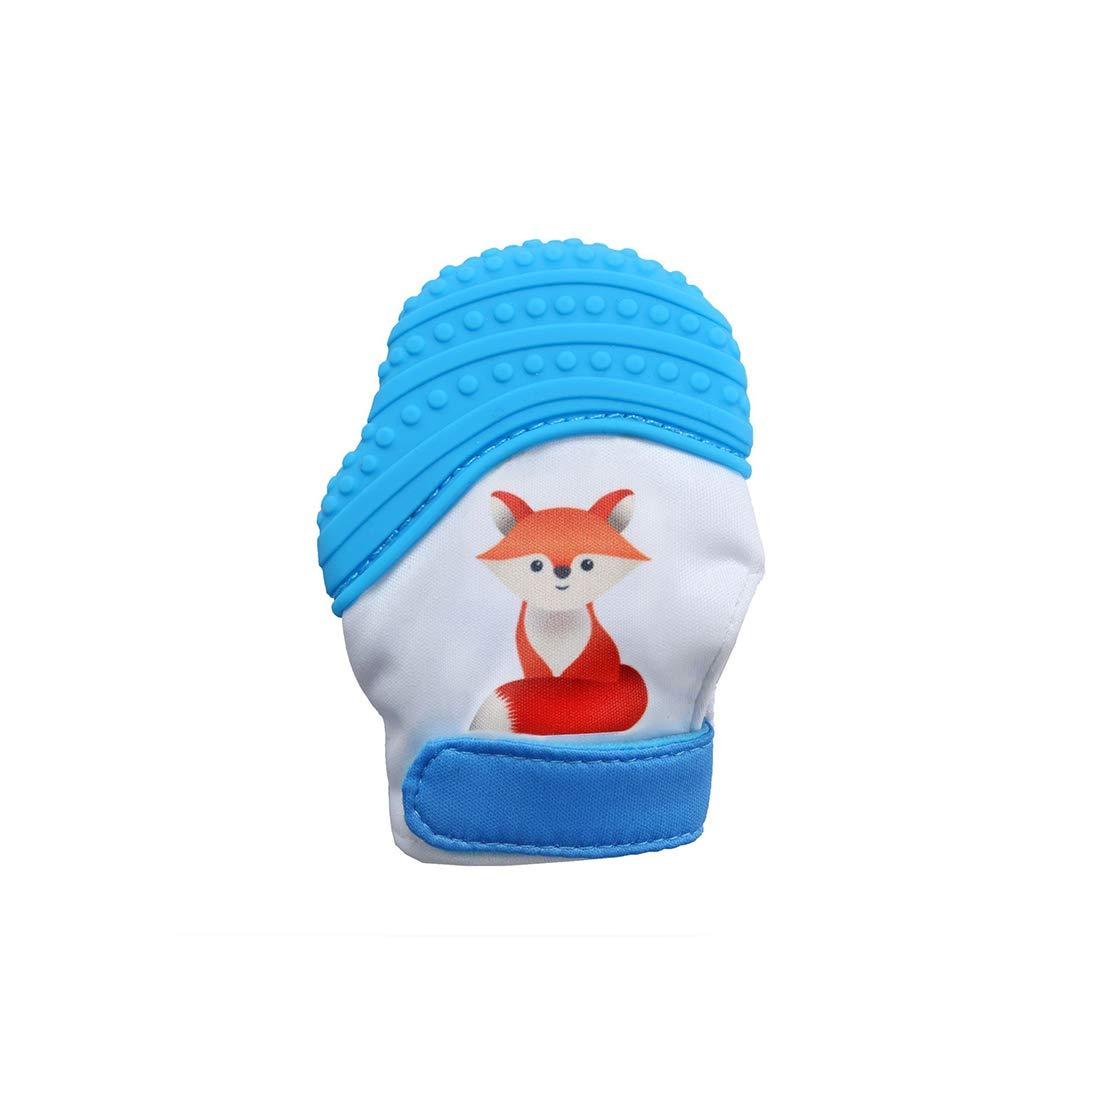 VIVOSUN Baby 1er Zahnen Handschuhe Schmerzlinderung Fä ustling BPA Frei Silikon Zä hne Beiß ring Zahnungshilfe fü r Neugeborenen Fuchs